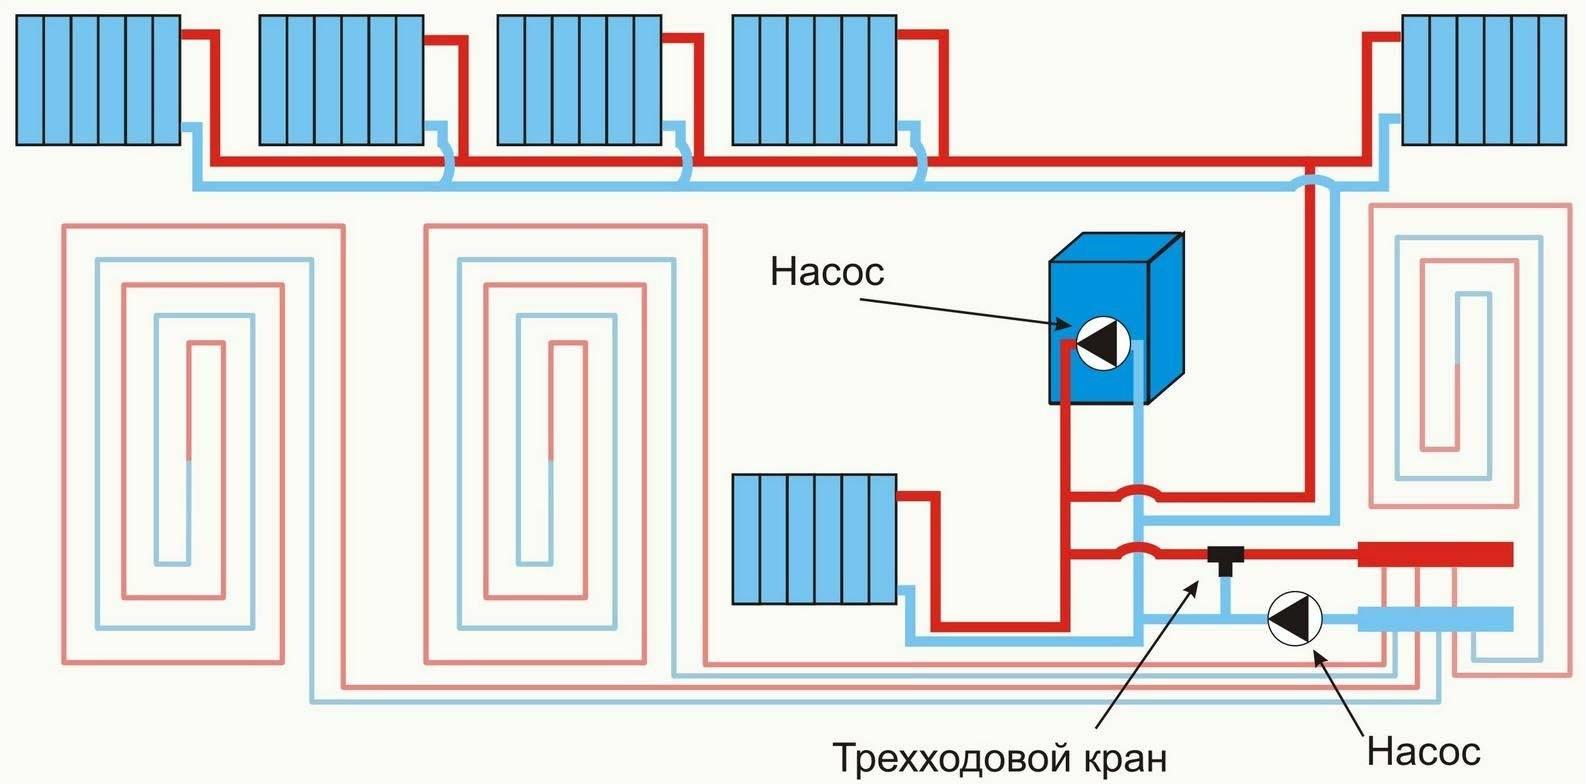 Схема отопления с теплым полом и радиаторами